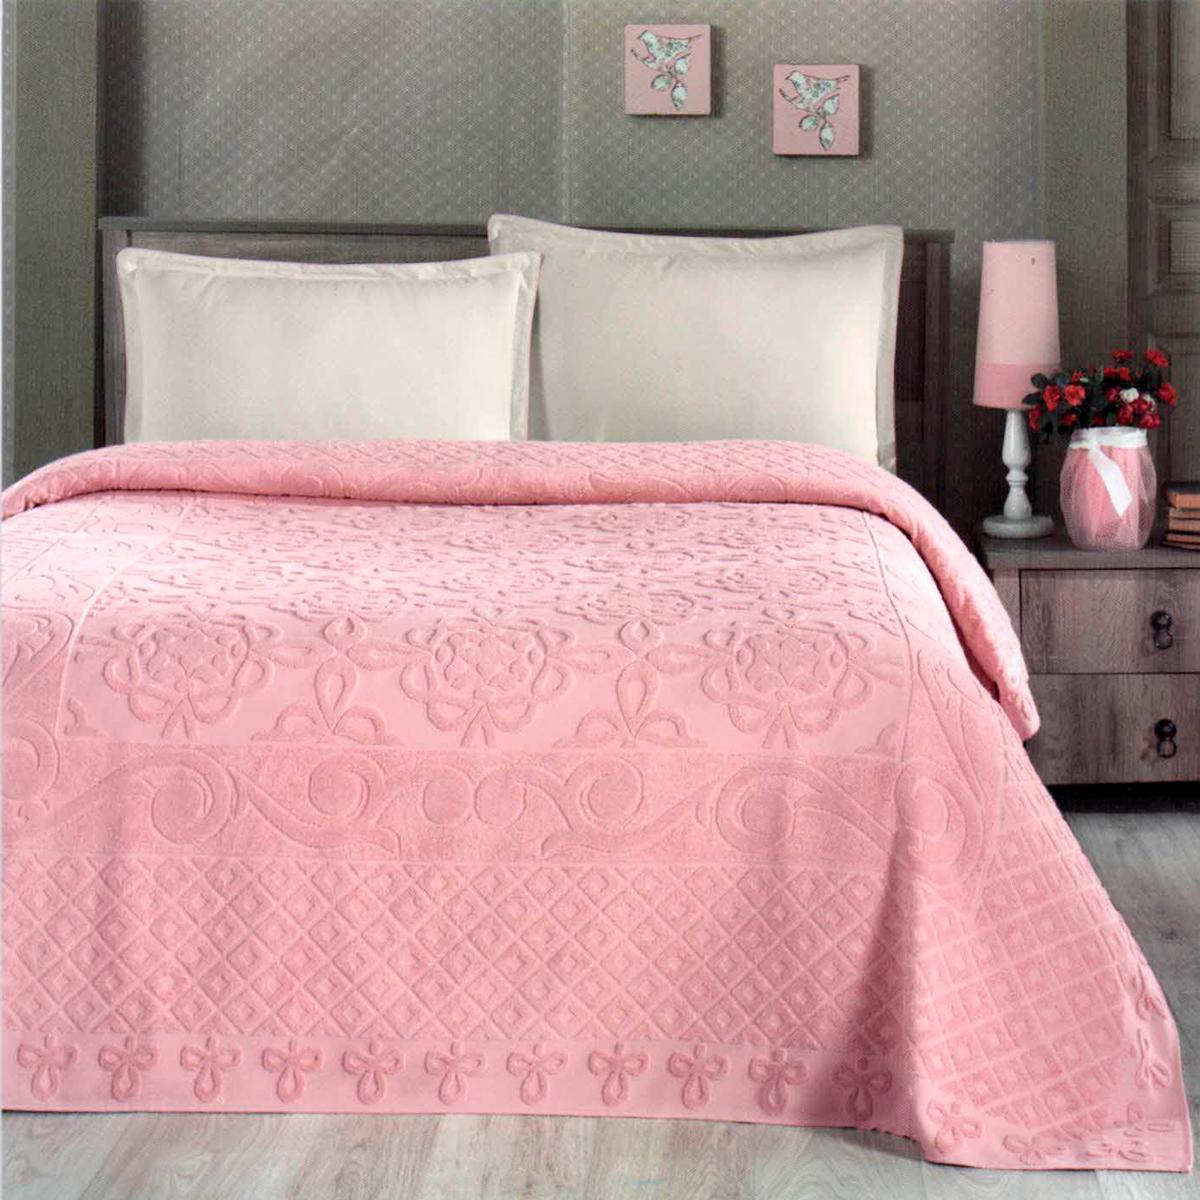 Купить Простыни Arya, Покрывало-простыня Estafan Цвет: Персиковый (200х220 см), Турция, Хлопковая махра